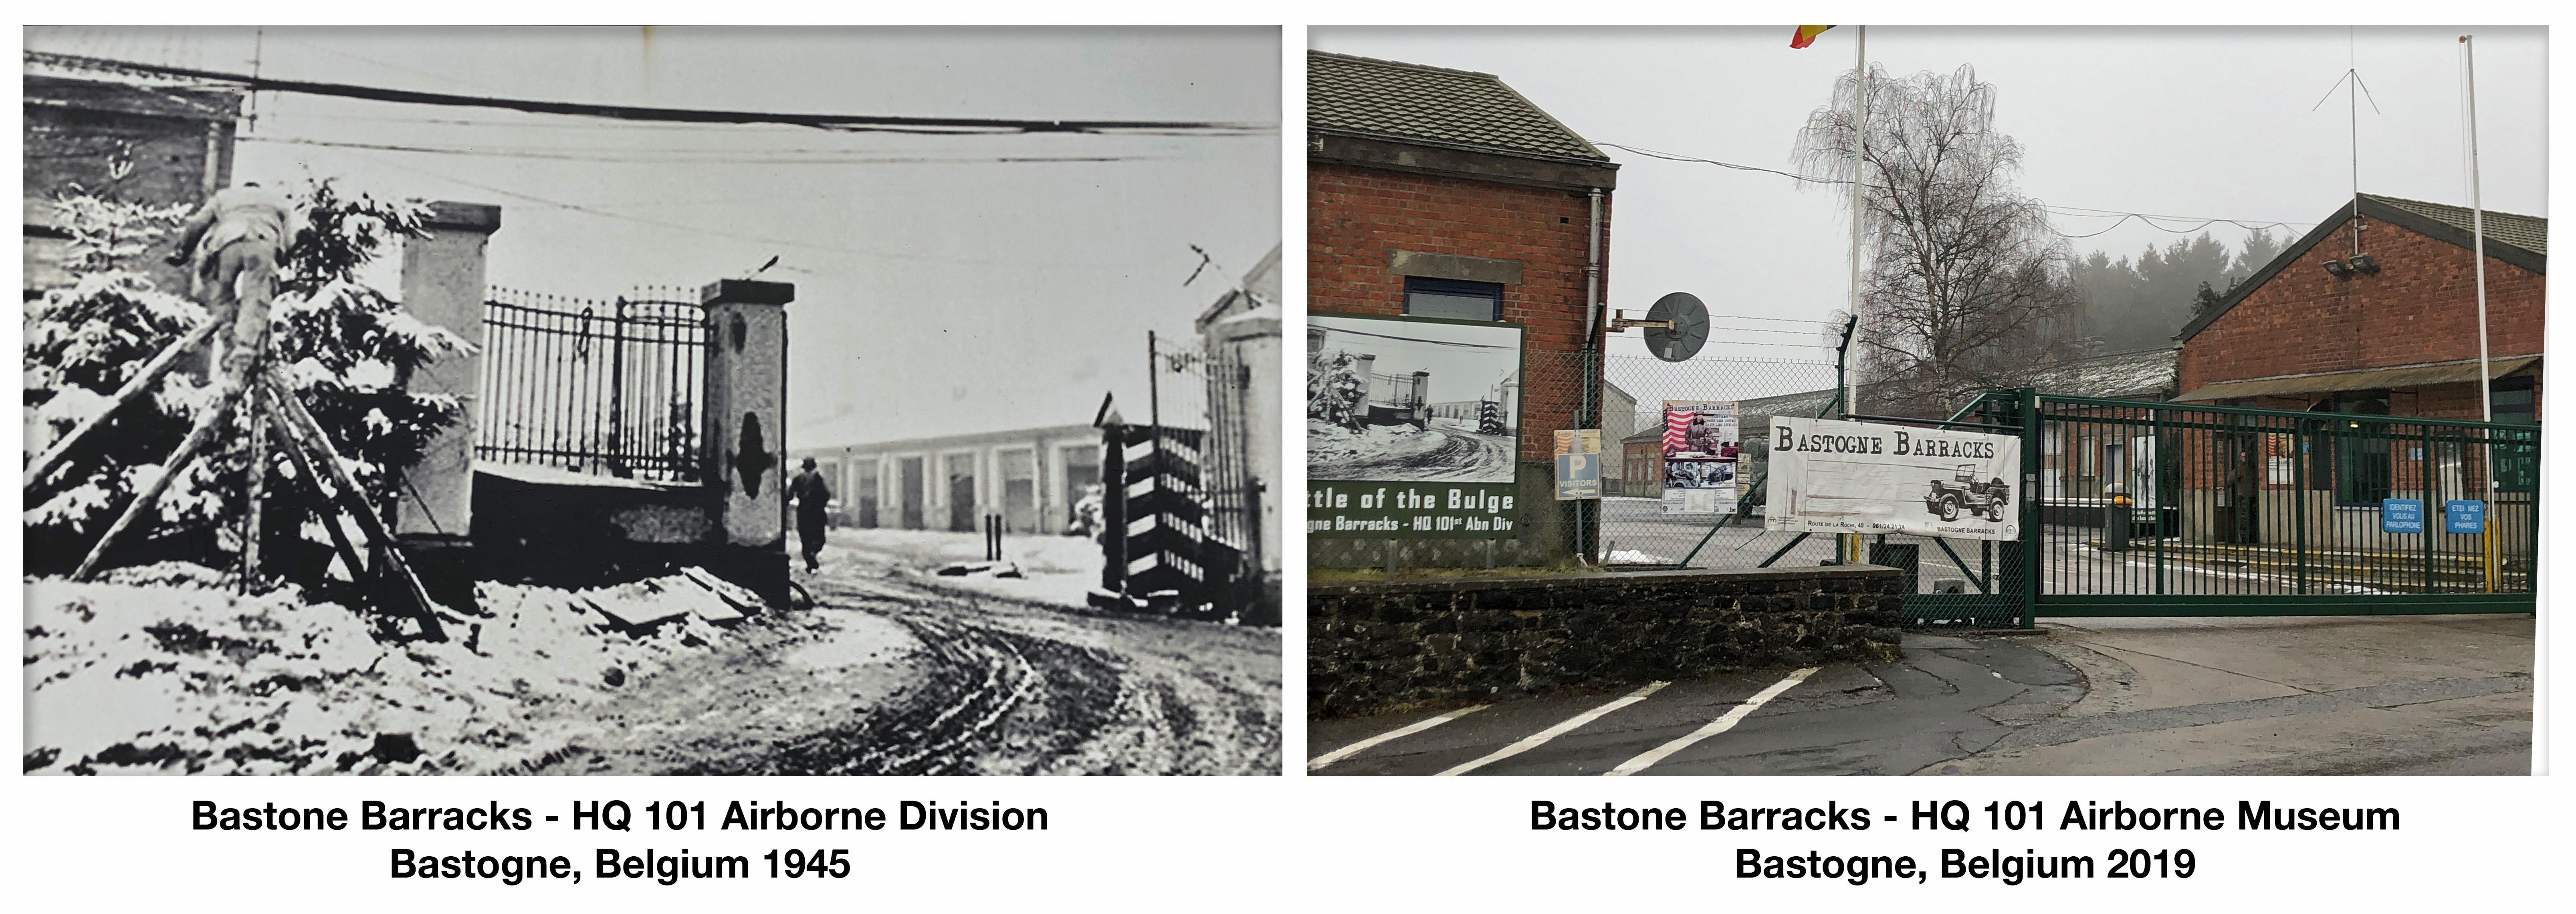 Bastone Barracks - HQ 101 Airborne Division Bastogne, Belgium 1945-2019